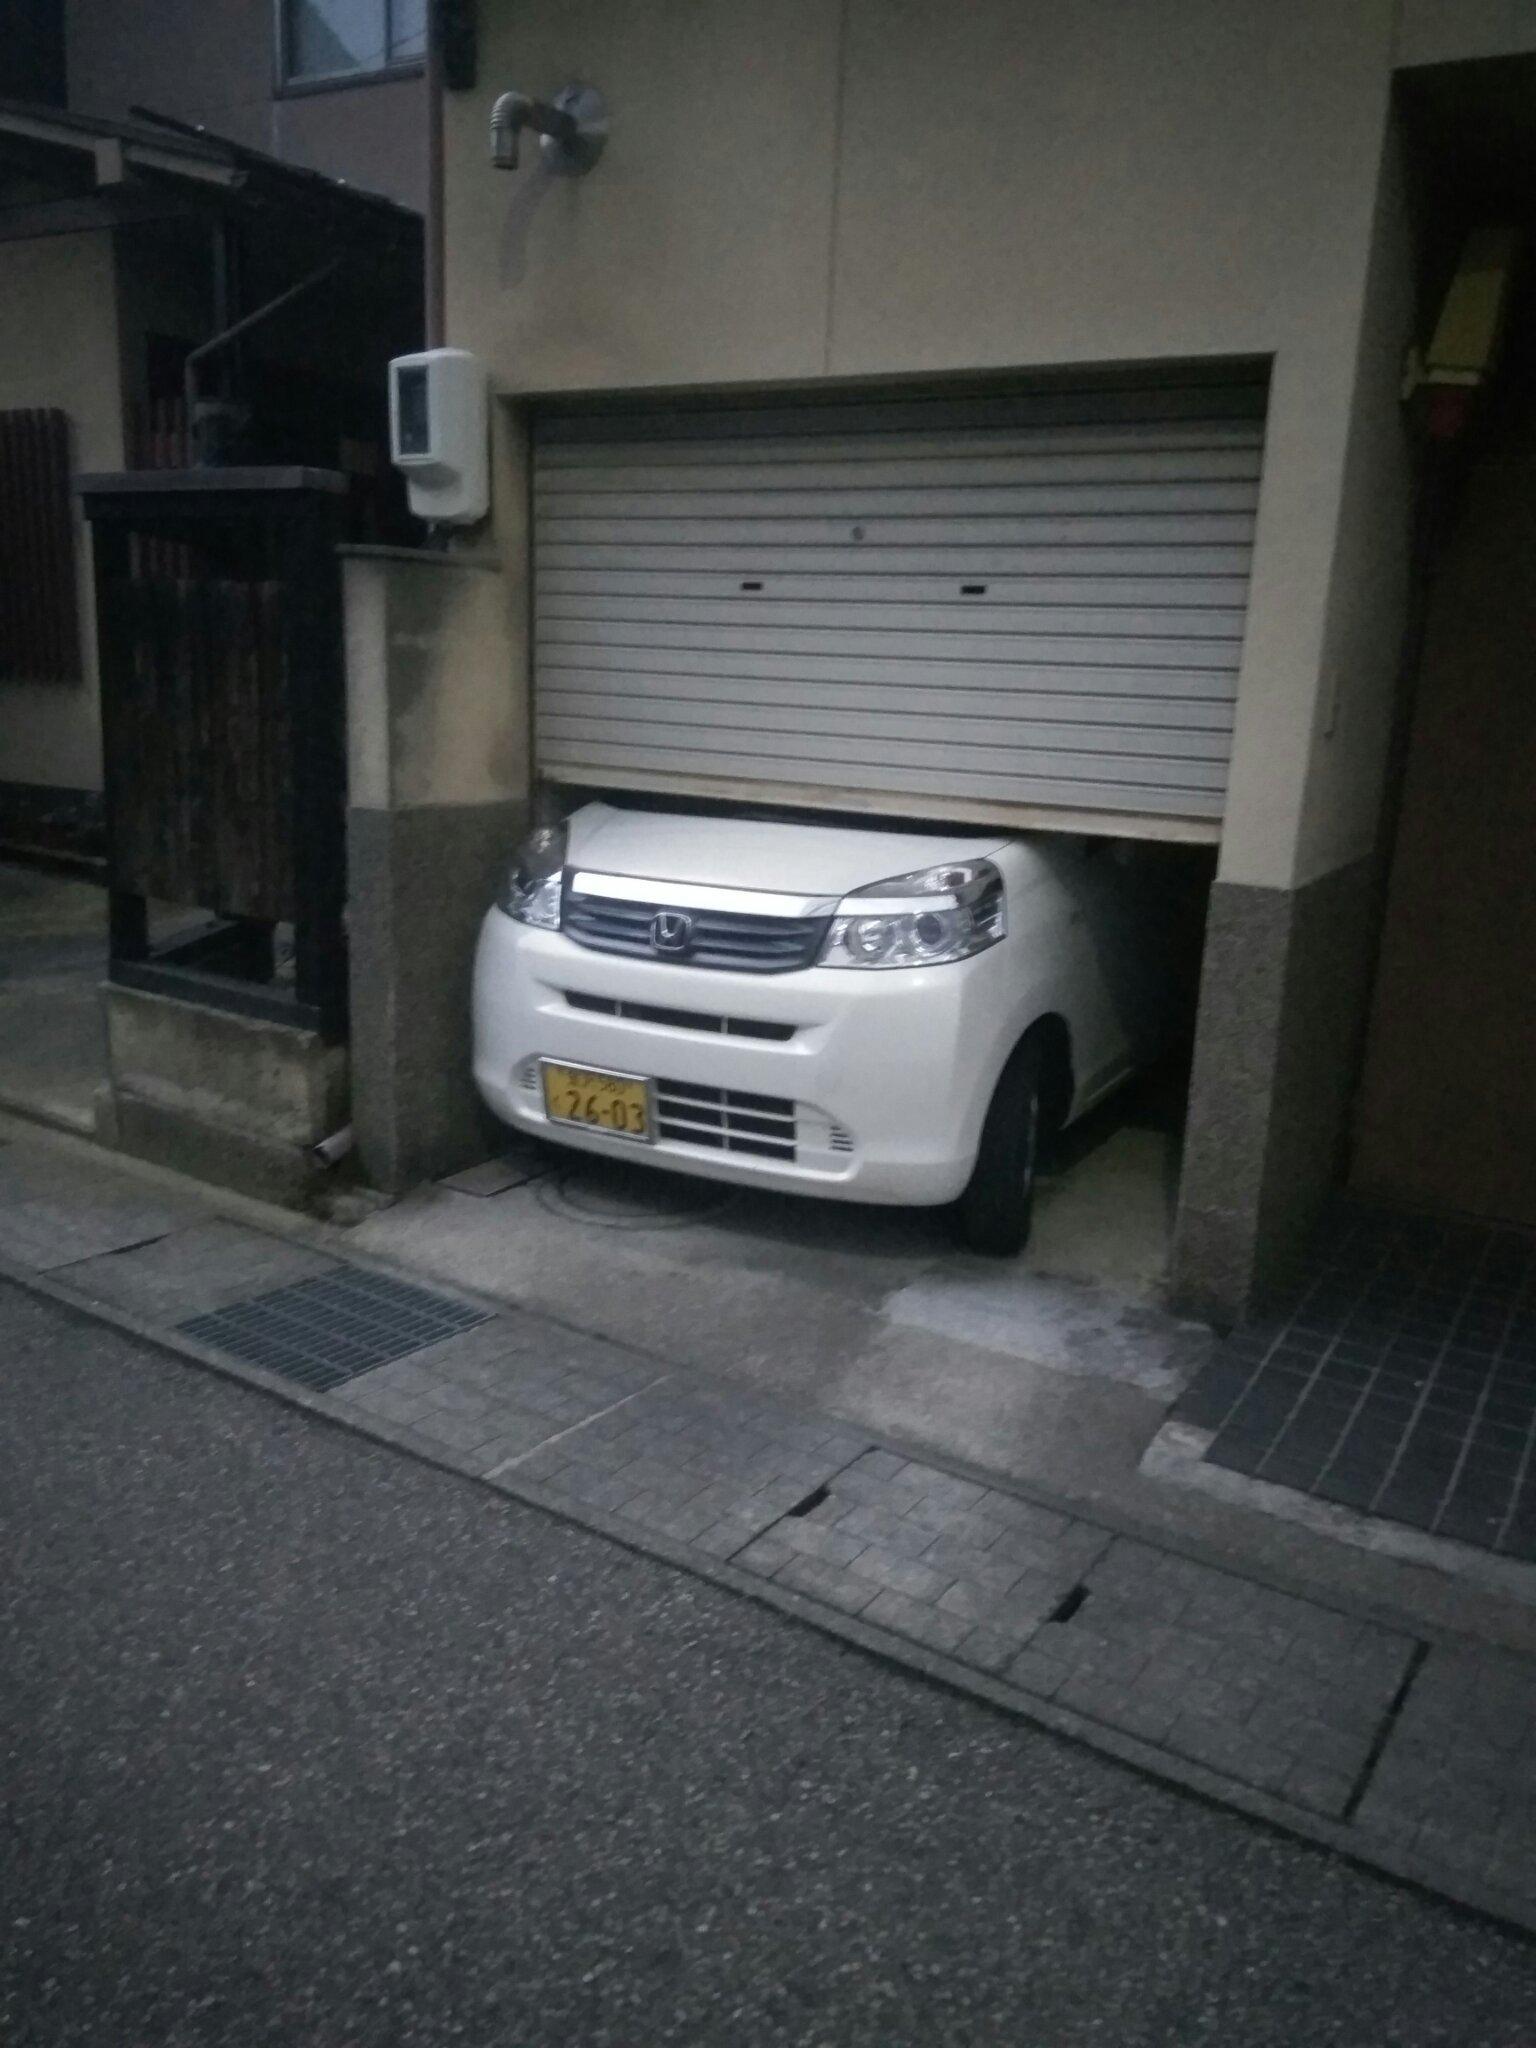 Quand t'achete une petite voiture pasque ta un peutit garage, mais que quelle est trop grand quand même